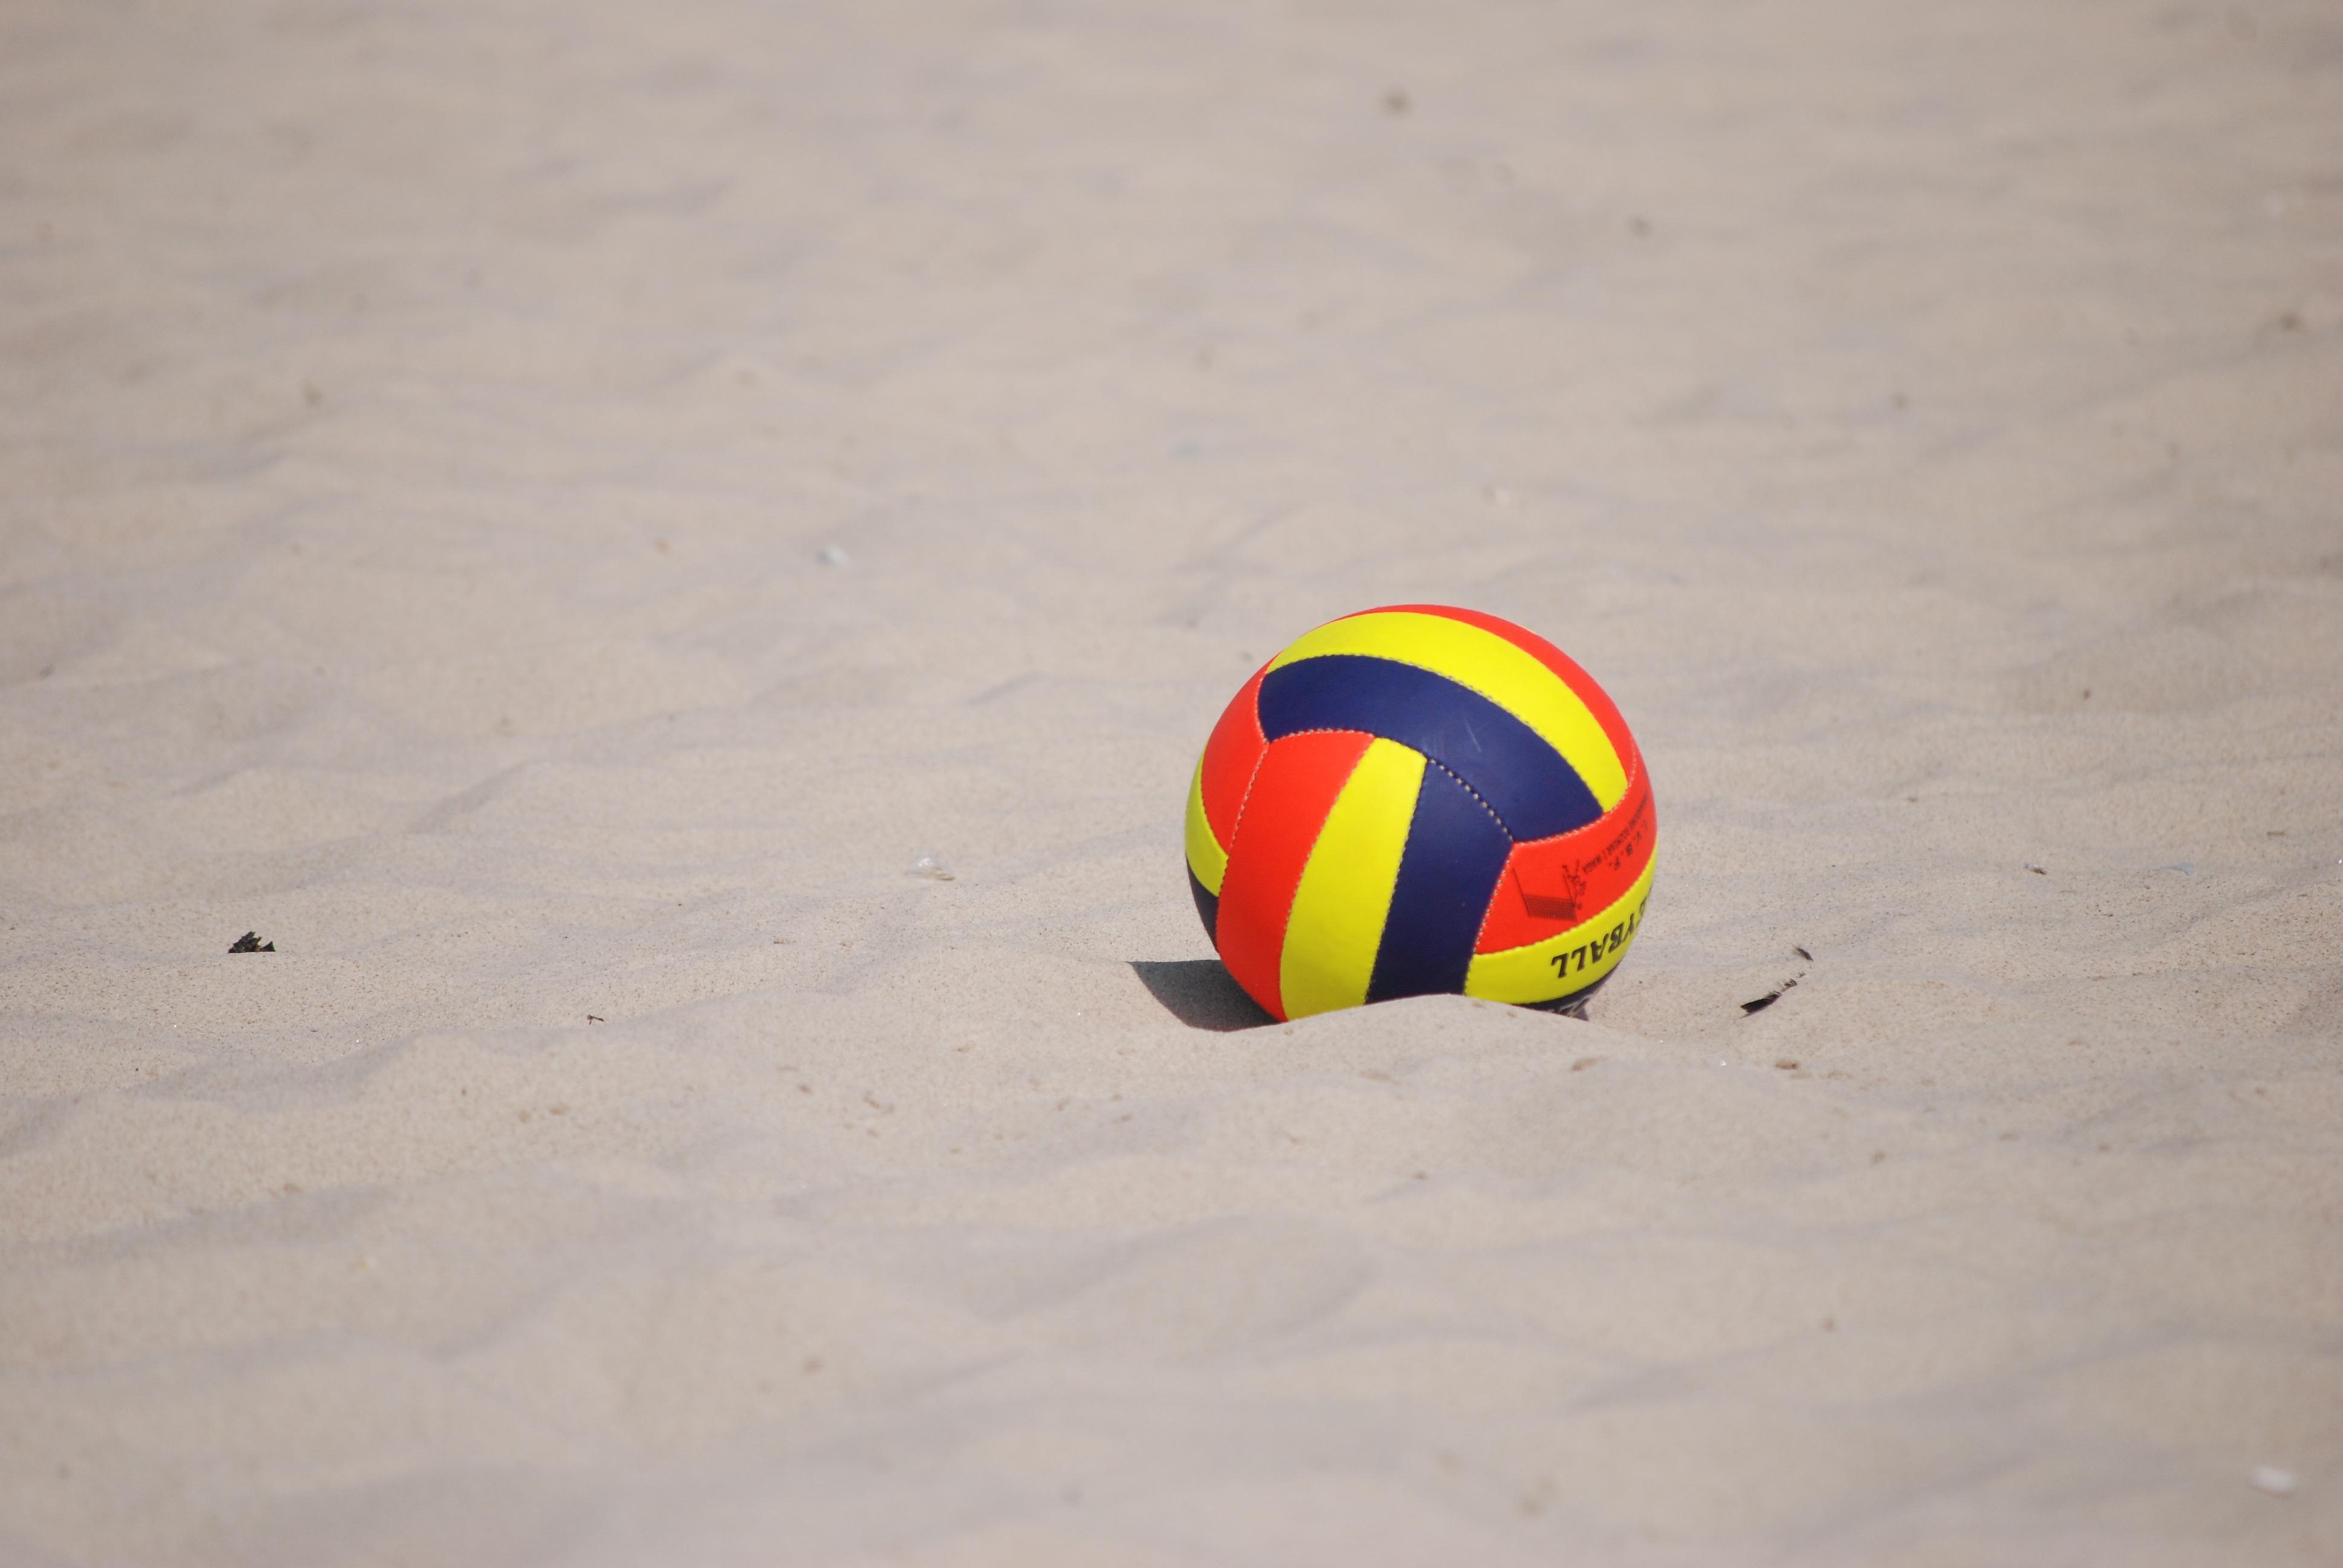 hình ảnh : bờ biển, phong cảnh, Nước, cát, Môn thể thao, Xe, màu vàng, Đồ chơi, thiết bị thể thao, vui vẻ, trái bóng, Bóng chuyền, Biển Baltic, quả bóng ...